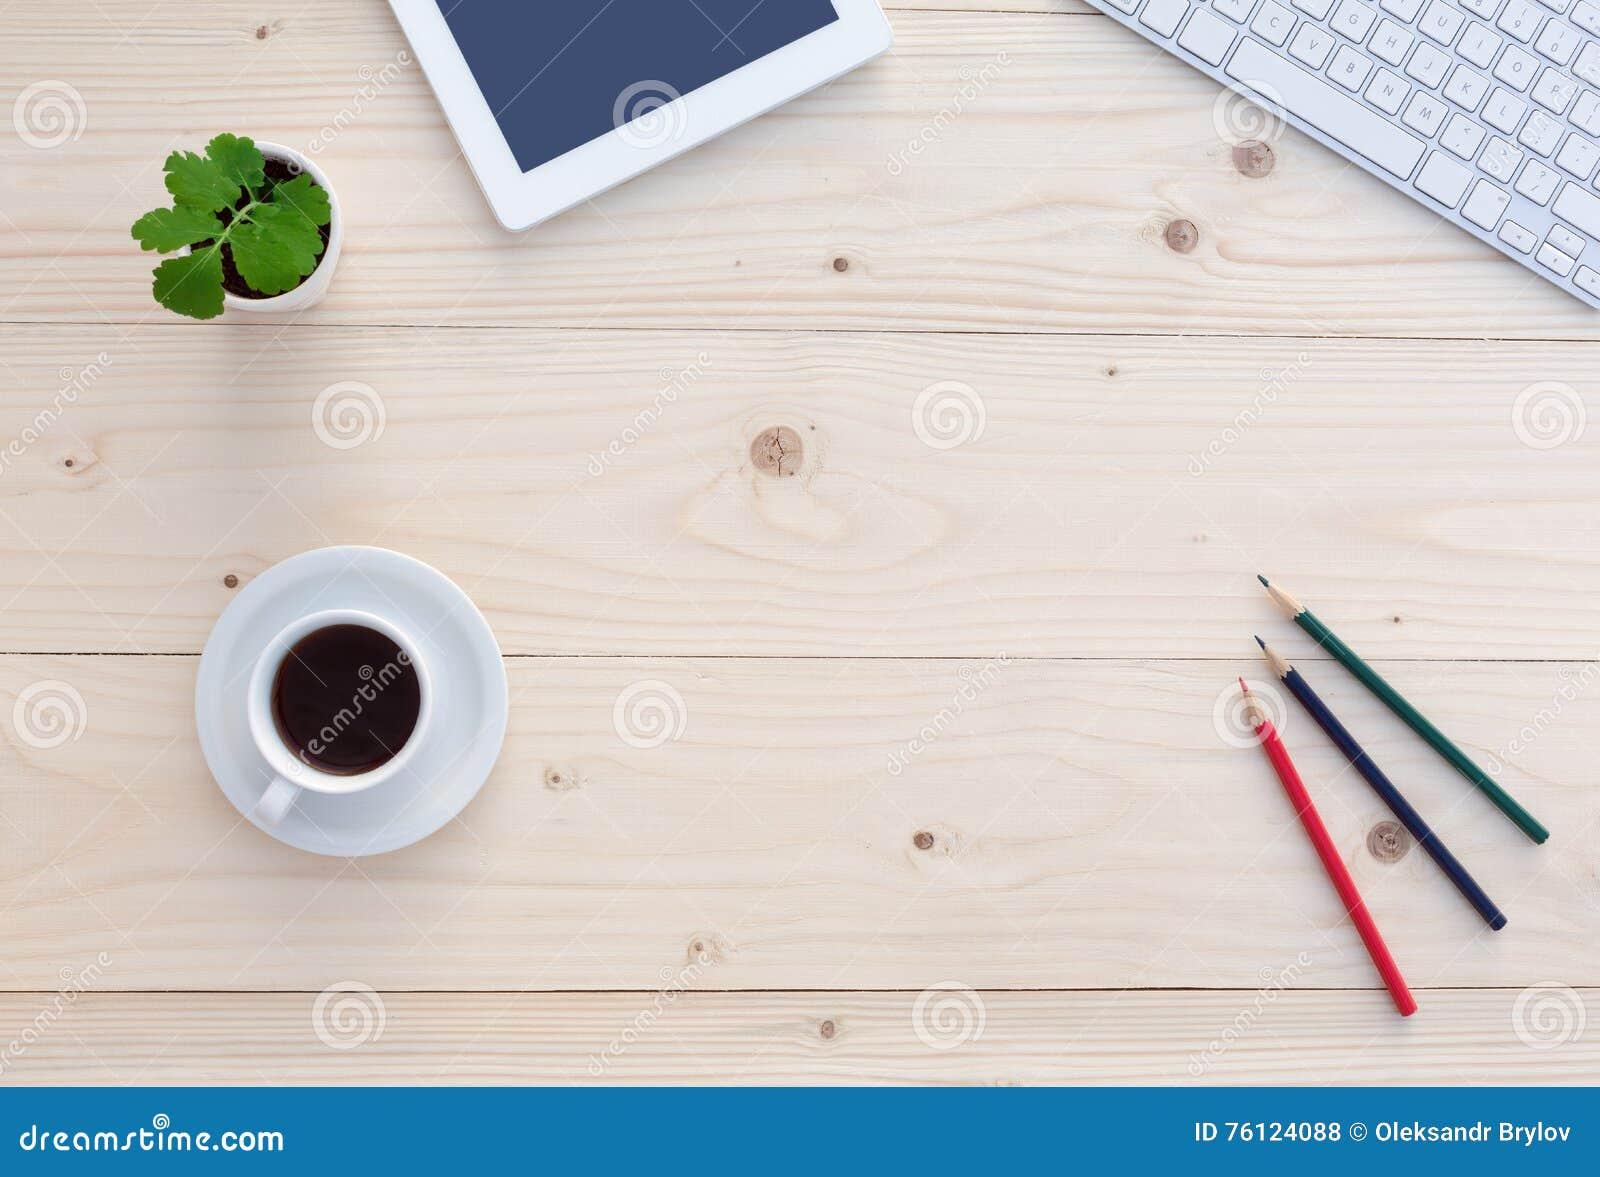 Взгляд сверху белого стола офиса с современными канцелярскими принадлежностями и цветком электроники